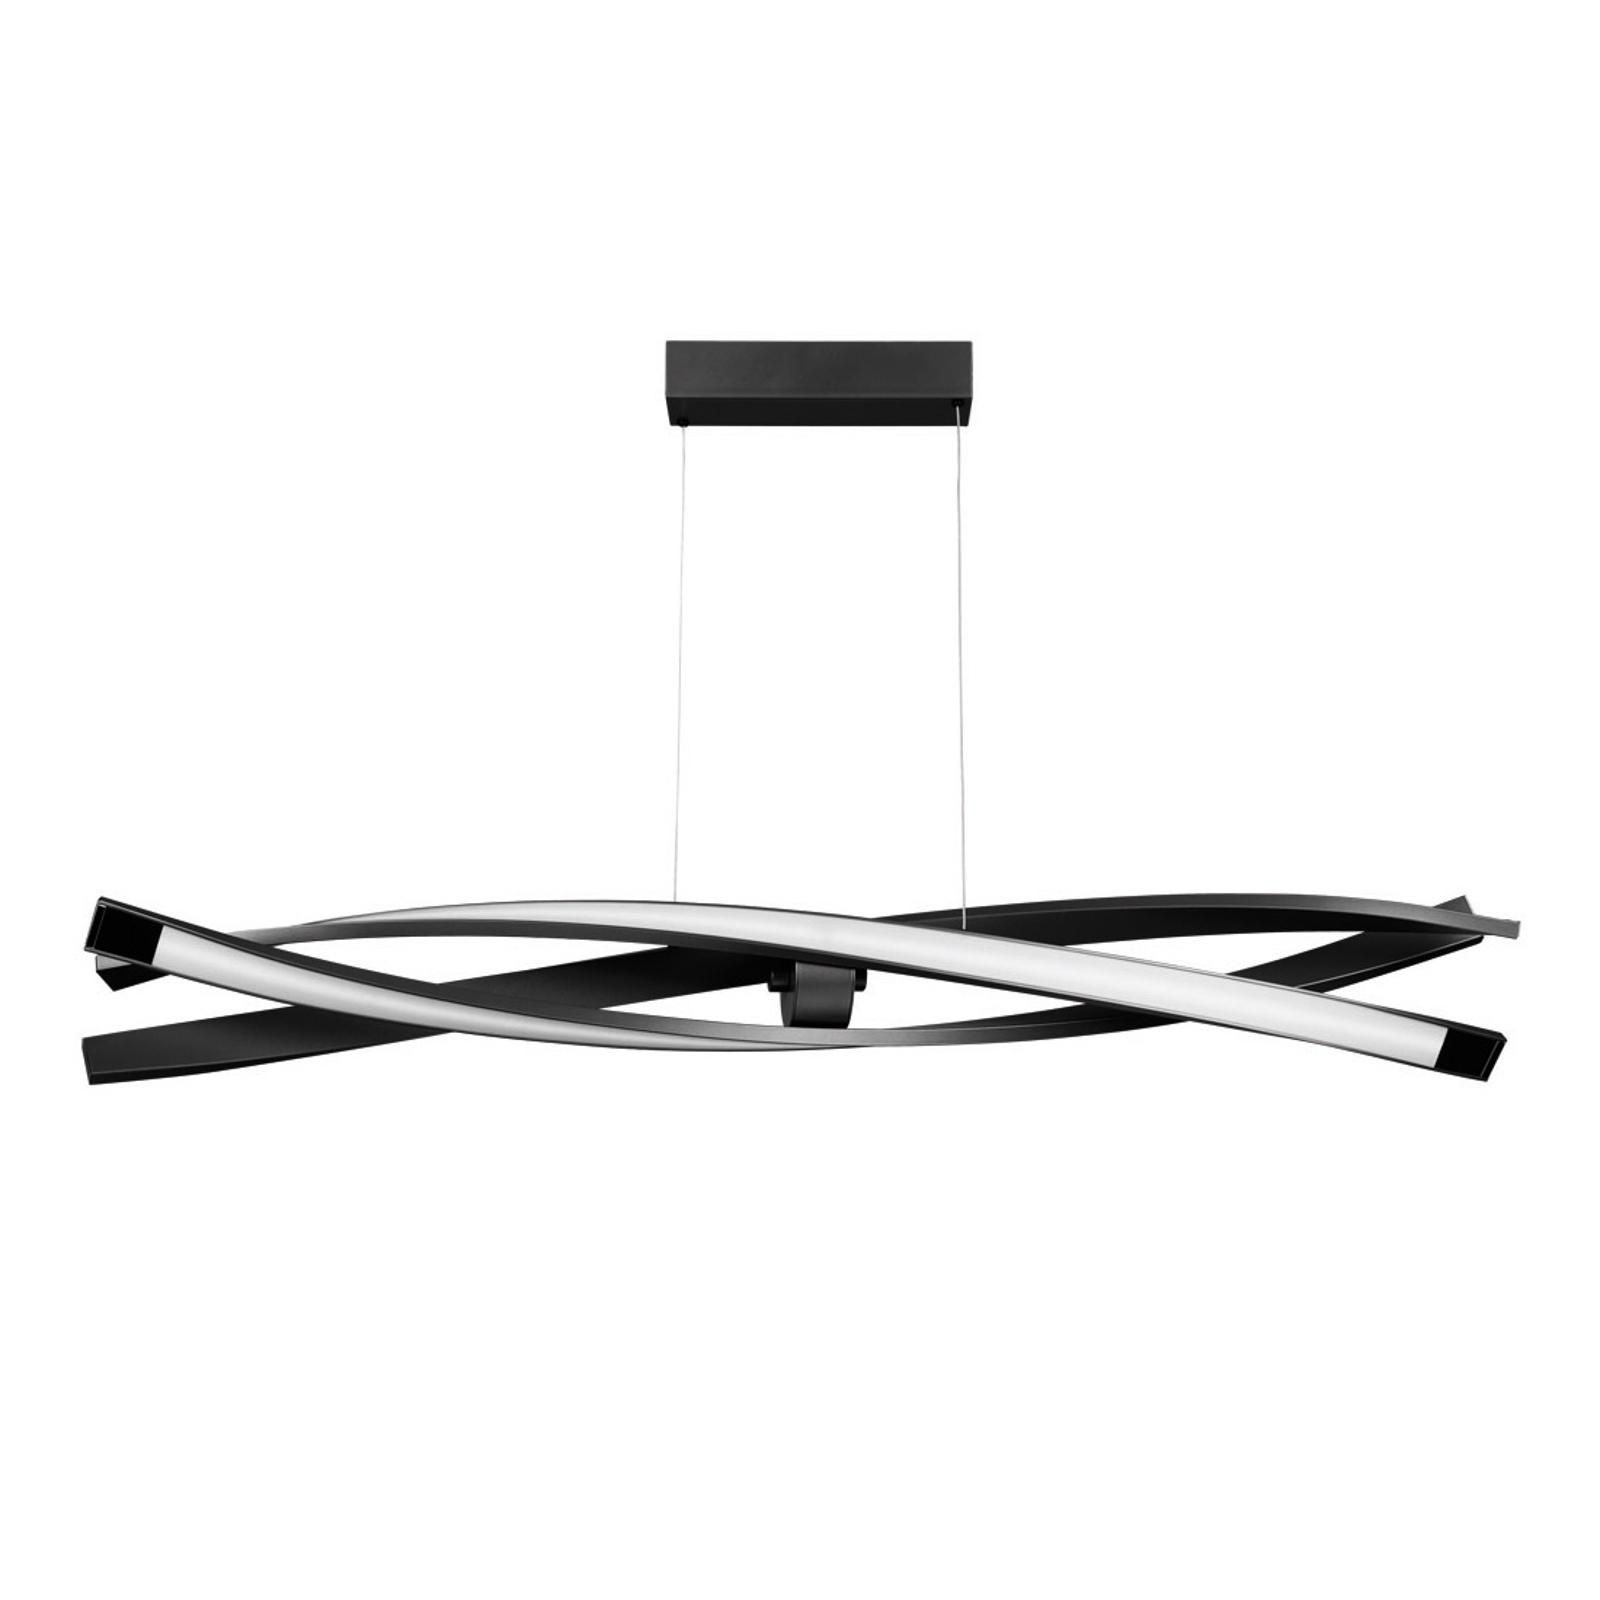 Lampa wisząca LED Sagitta 3-punktowa, czarna